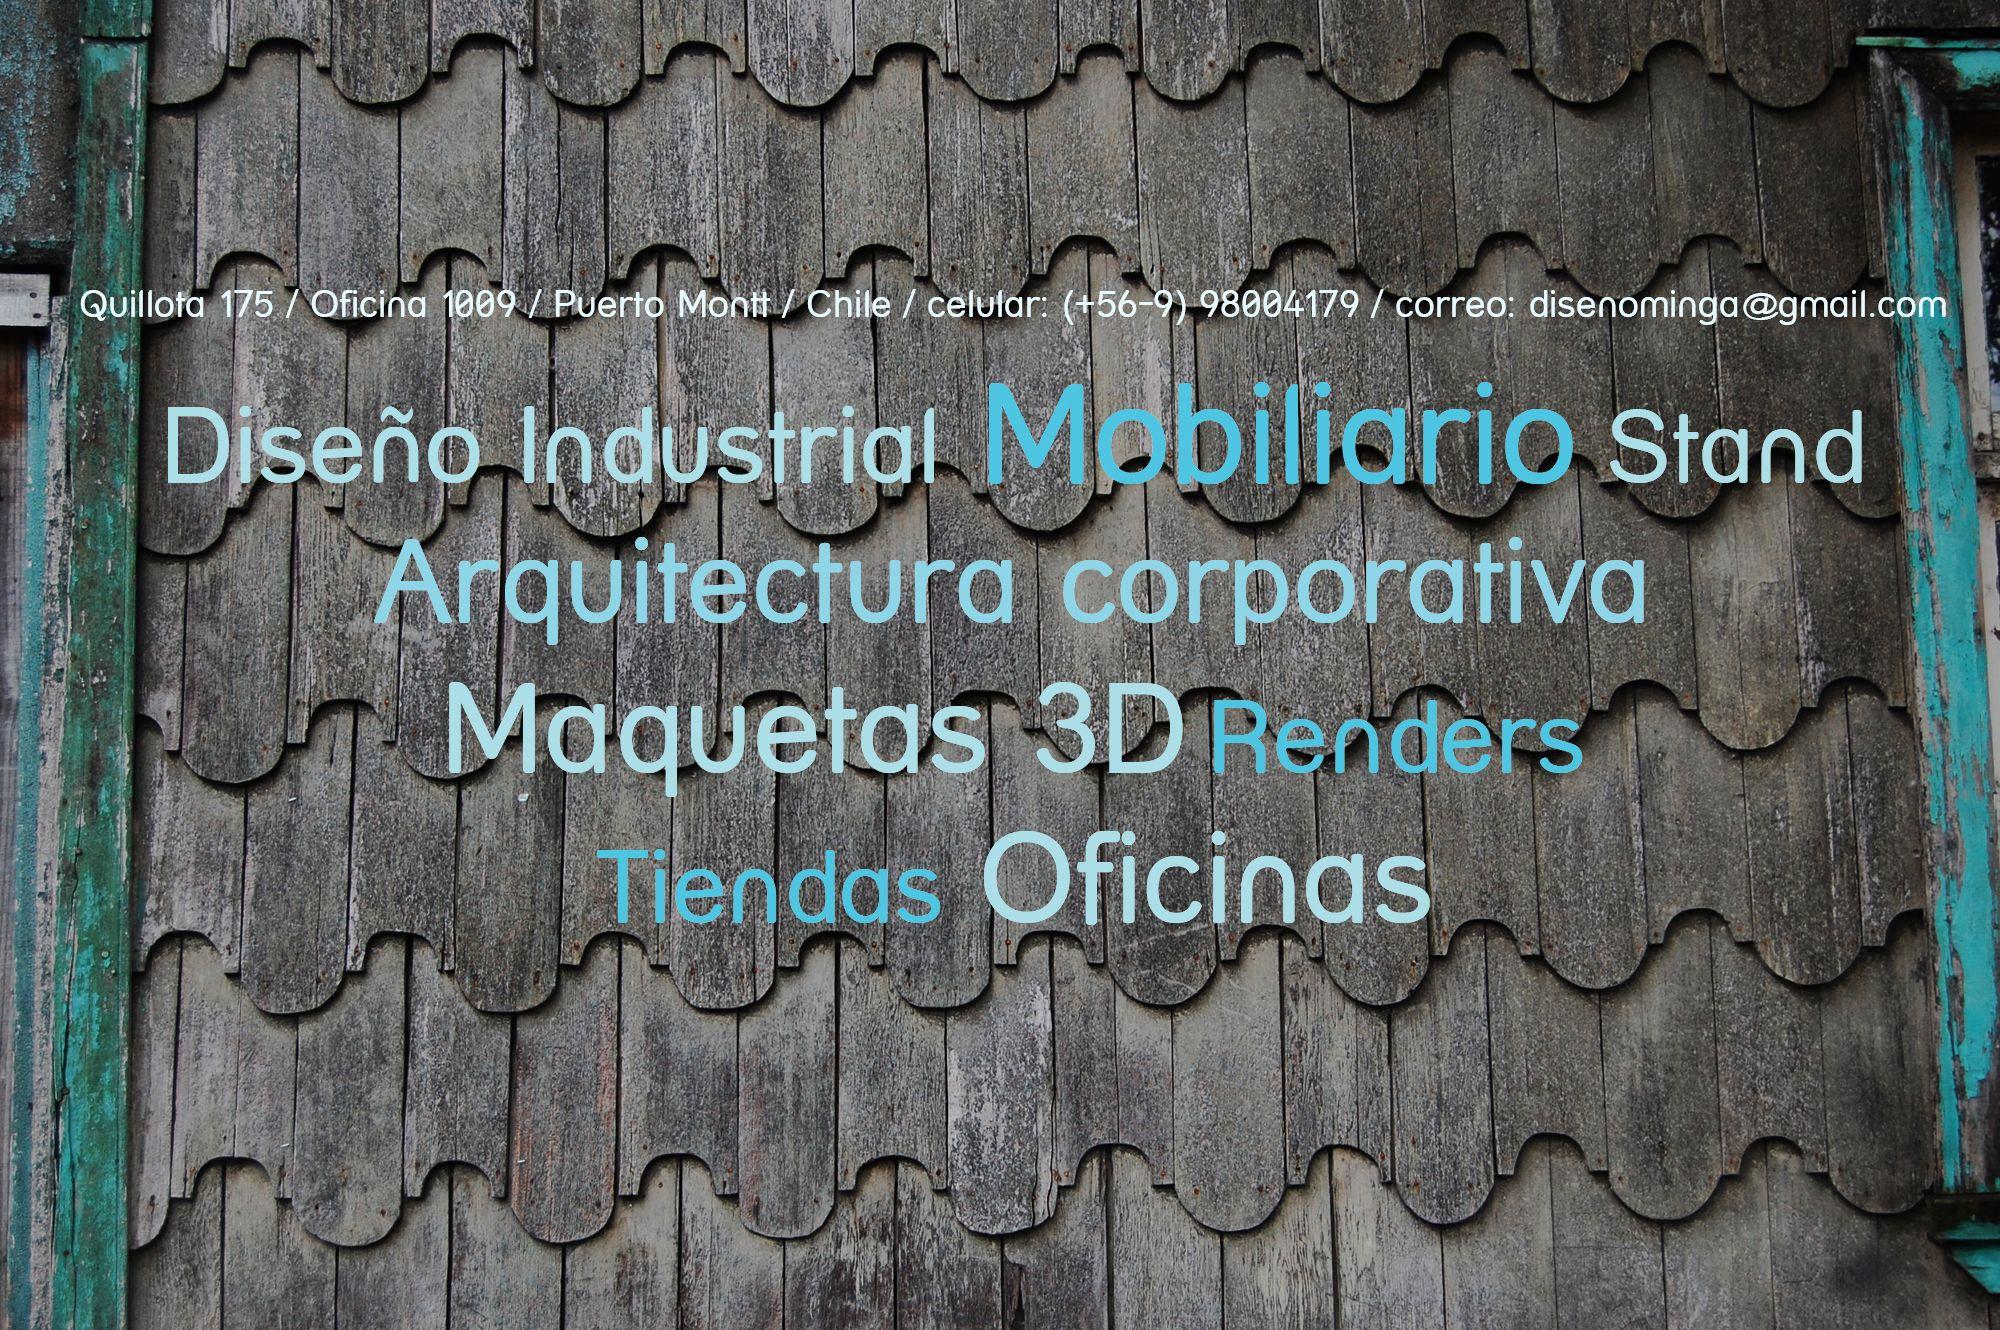 Minga diseño es el taller creativo de Mauricio Barría, Diseñador Industrial, Chile, Minga significa trabajo comunitario-solidario en la isla grande de Chiloé, de esta manera queremos aportar al desarrollo del diseño Chileno.    Servicios de Diseño Industrial, Maquetas 3D, Renders, para proyectos de Arquitectura Corporativa,Tiendas, Mobiliario, Proyectos especiales.    Minga Diseño esta enfocado hacia un diseño limpio, justo, que respeta el medio ambiente, el patrimonio cultural, y las…